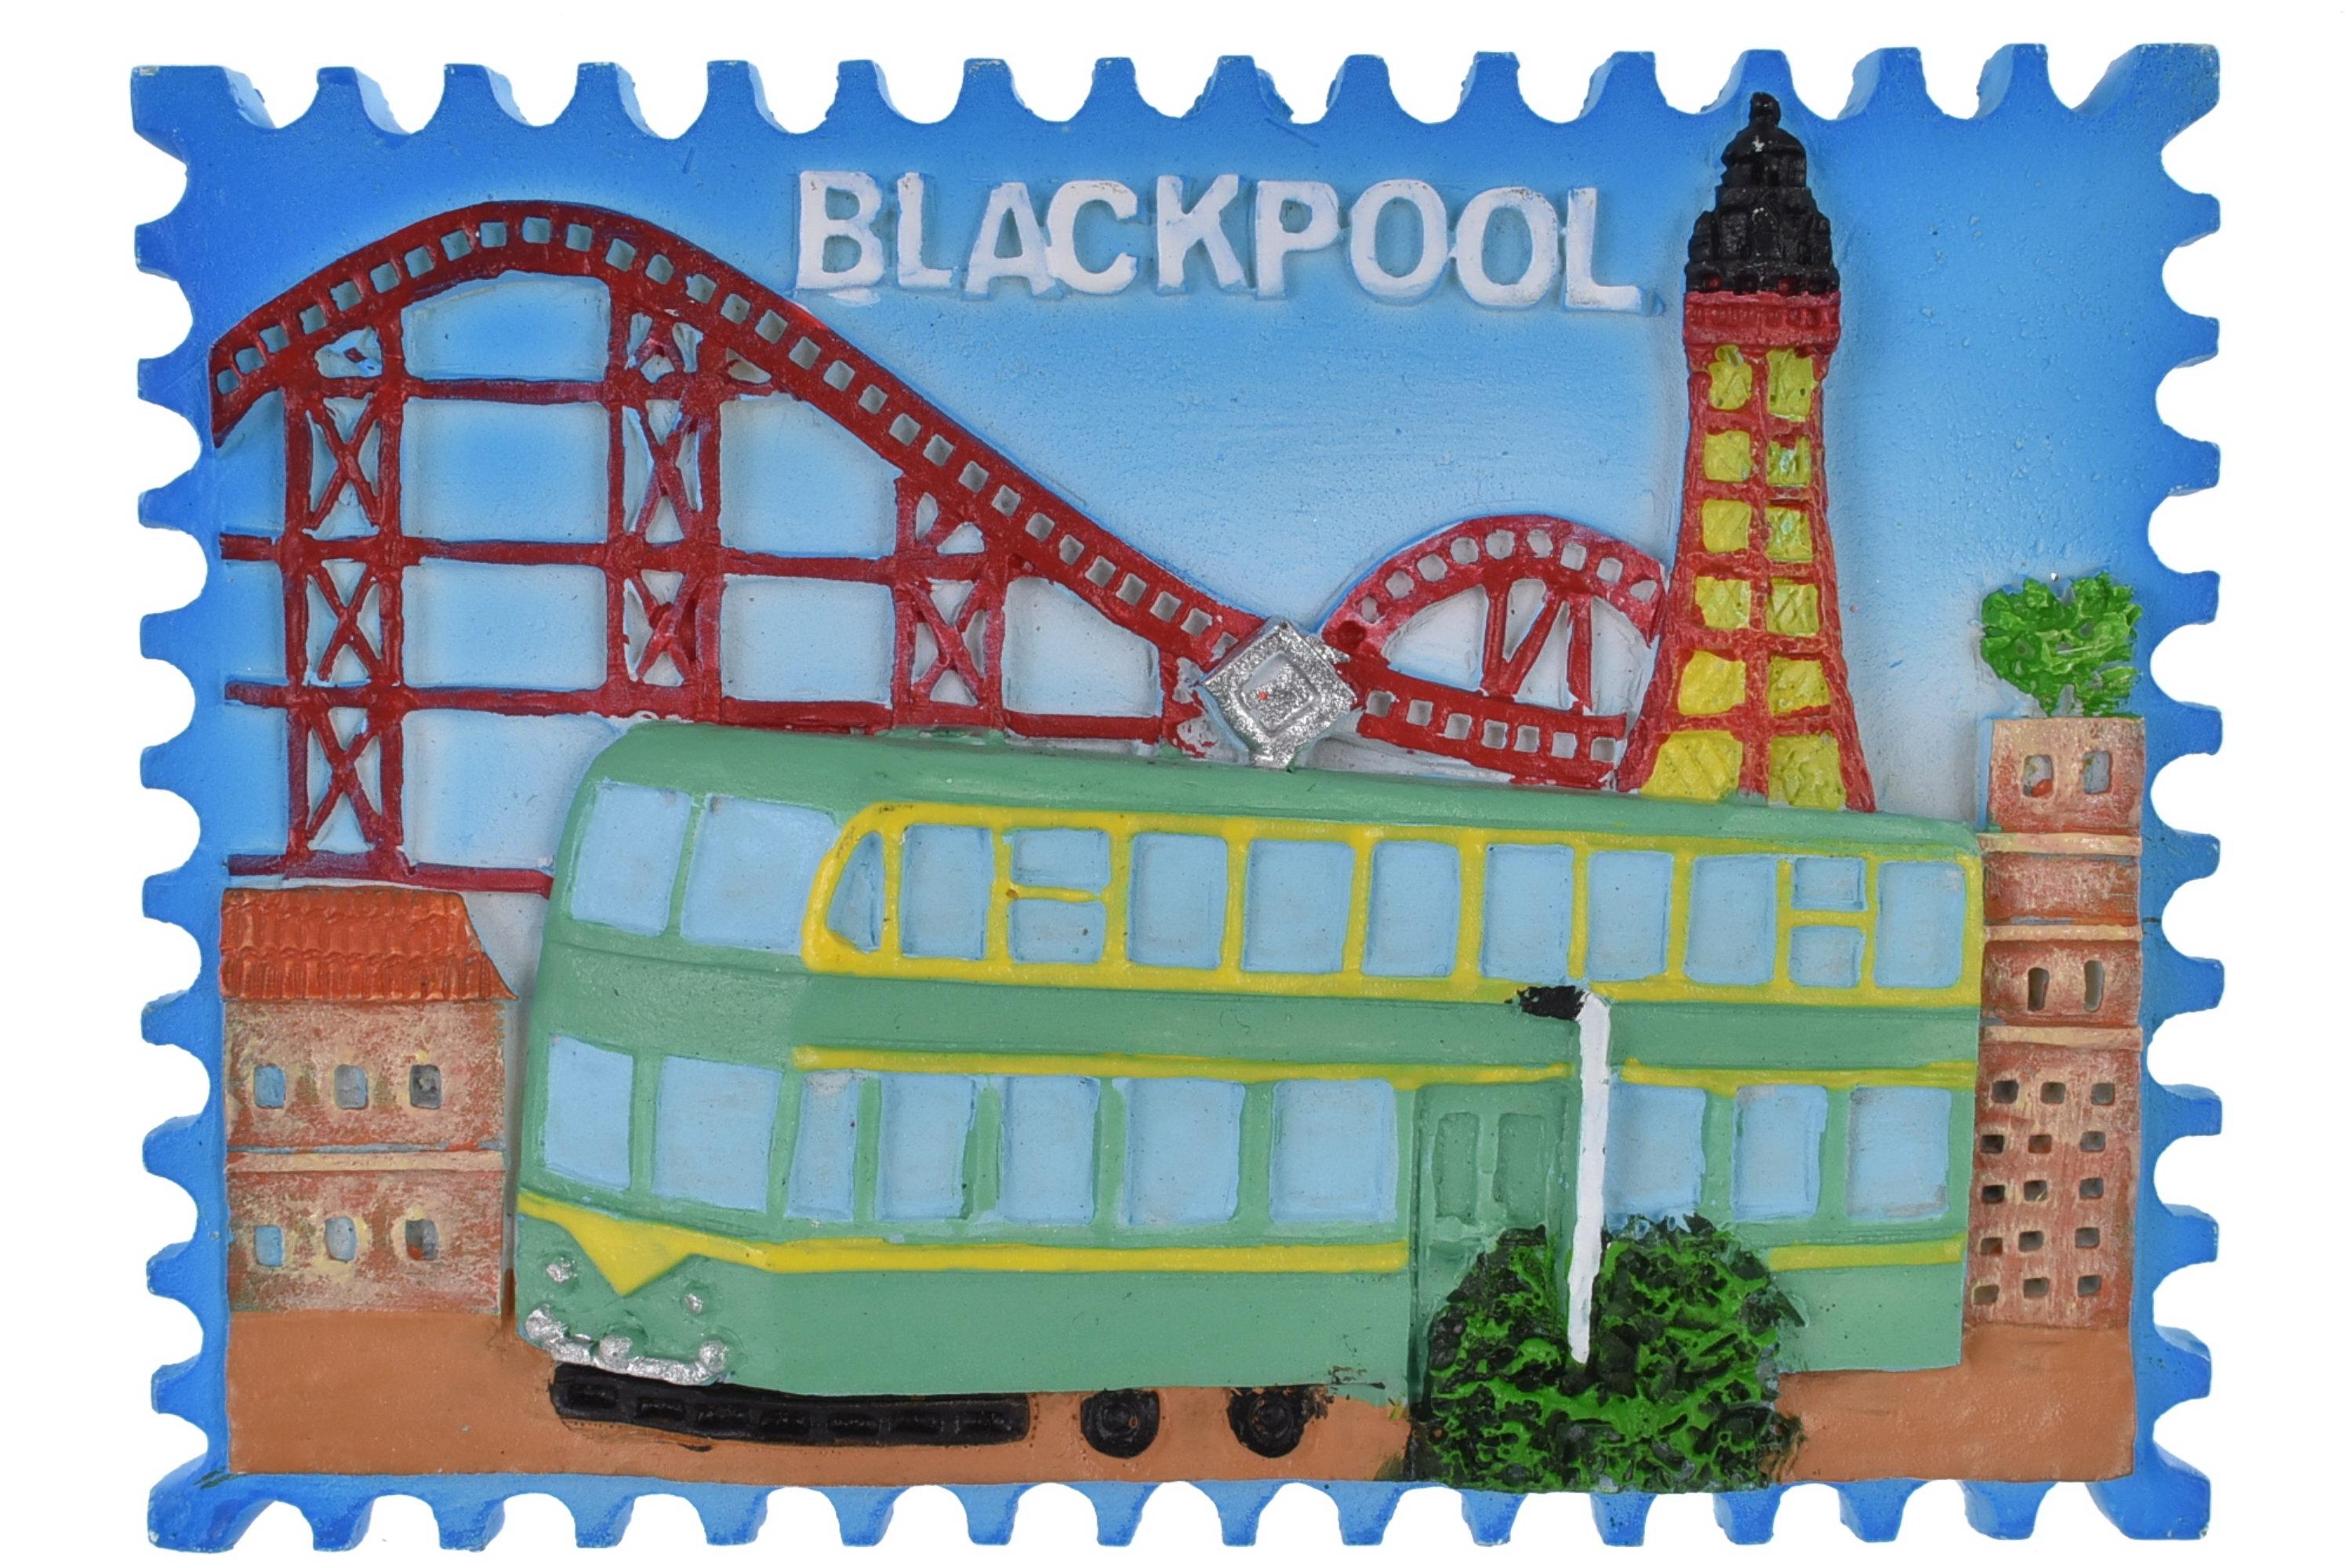 Resin Magnet Blackpool Tram Stamp Design